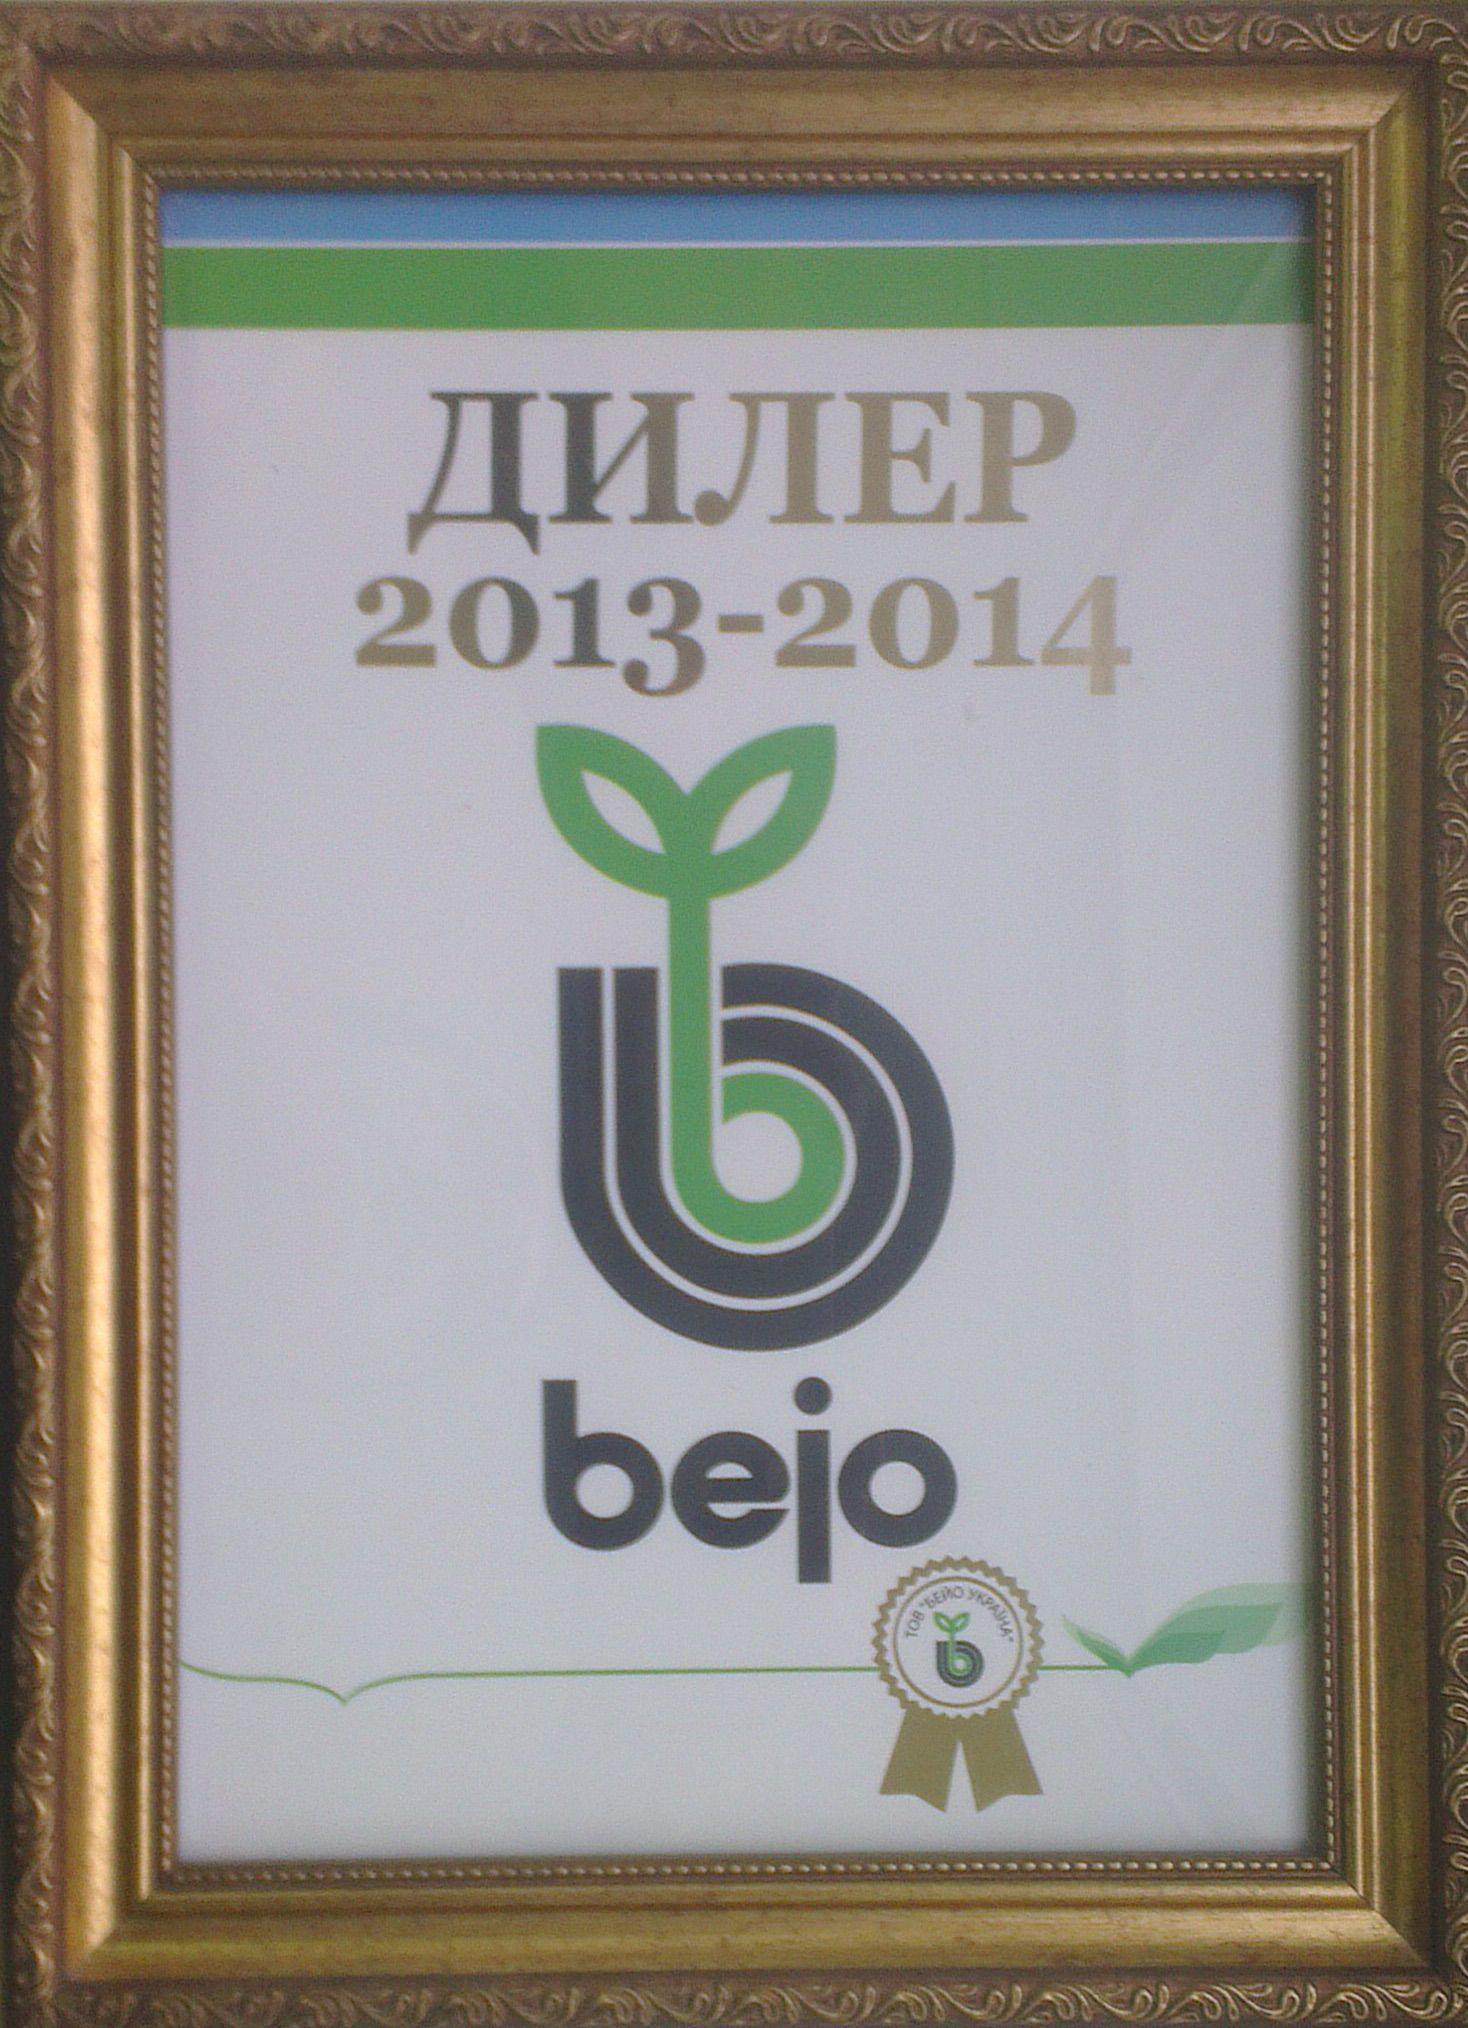 Диллер 2013-2014 Bejo